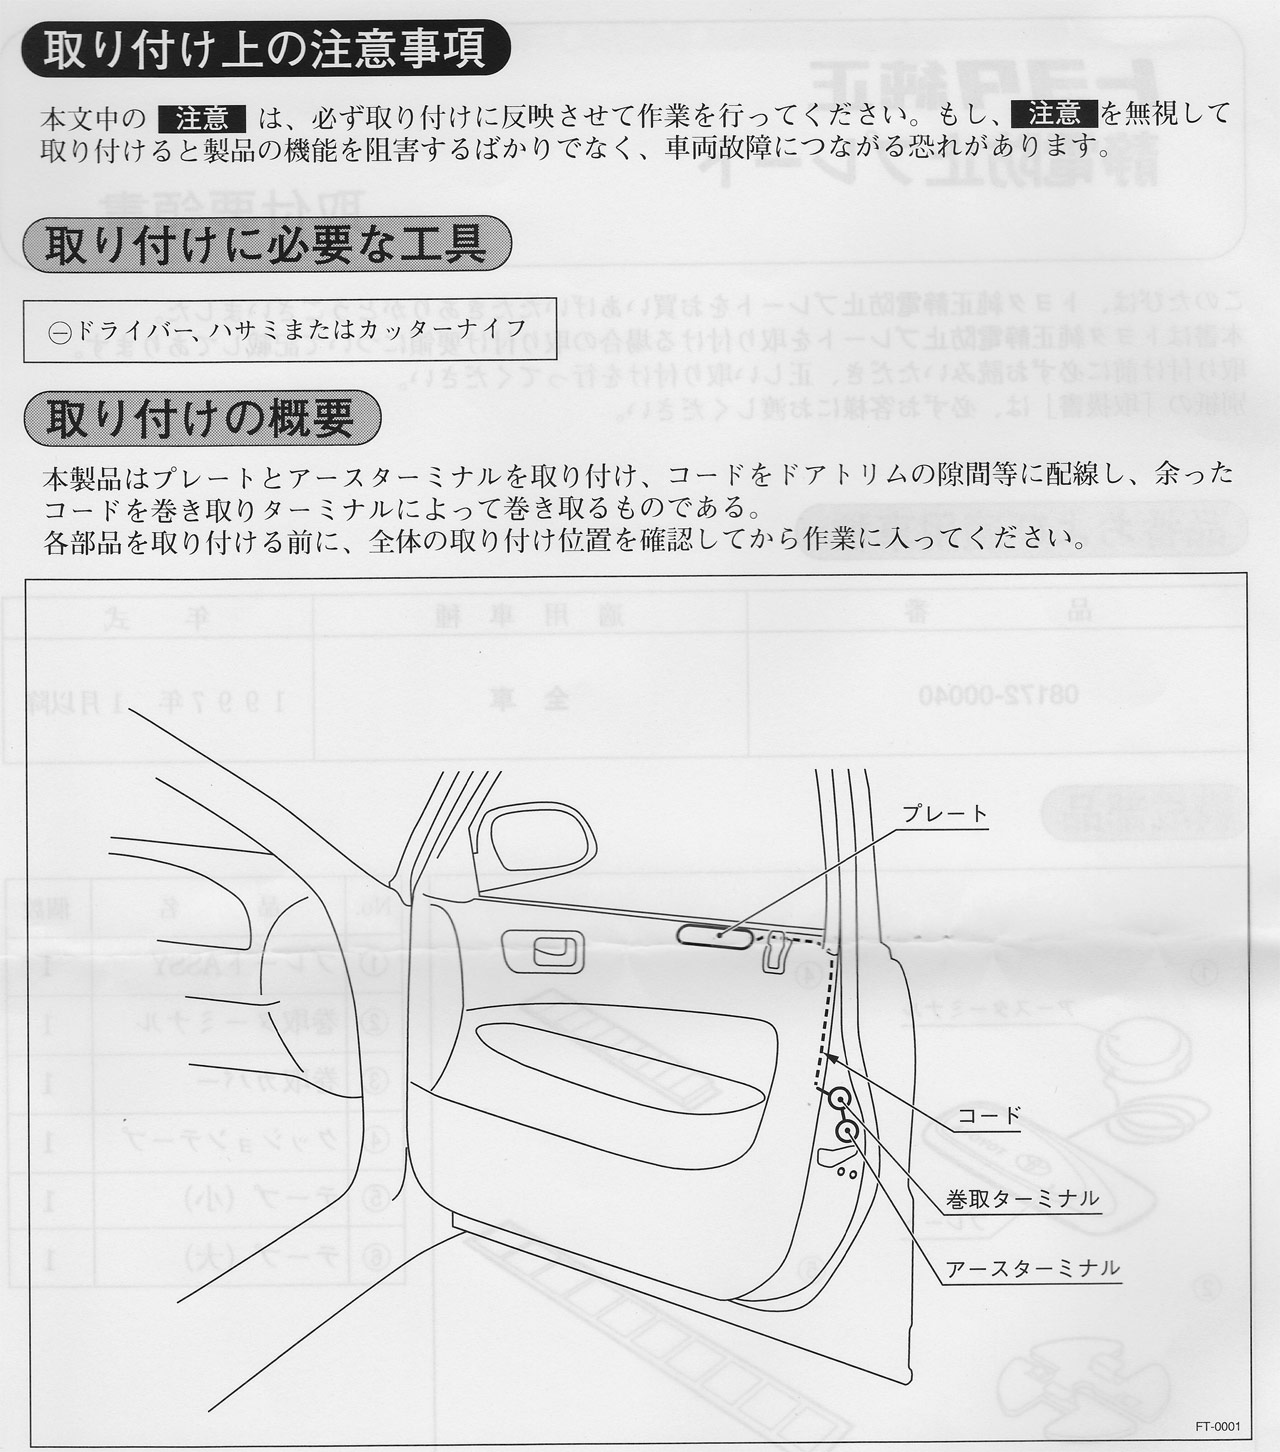 静電防止プレートの取り付け - その1 再利用するリアドア用の準備編